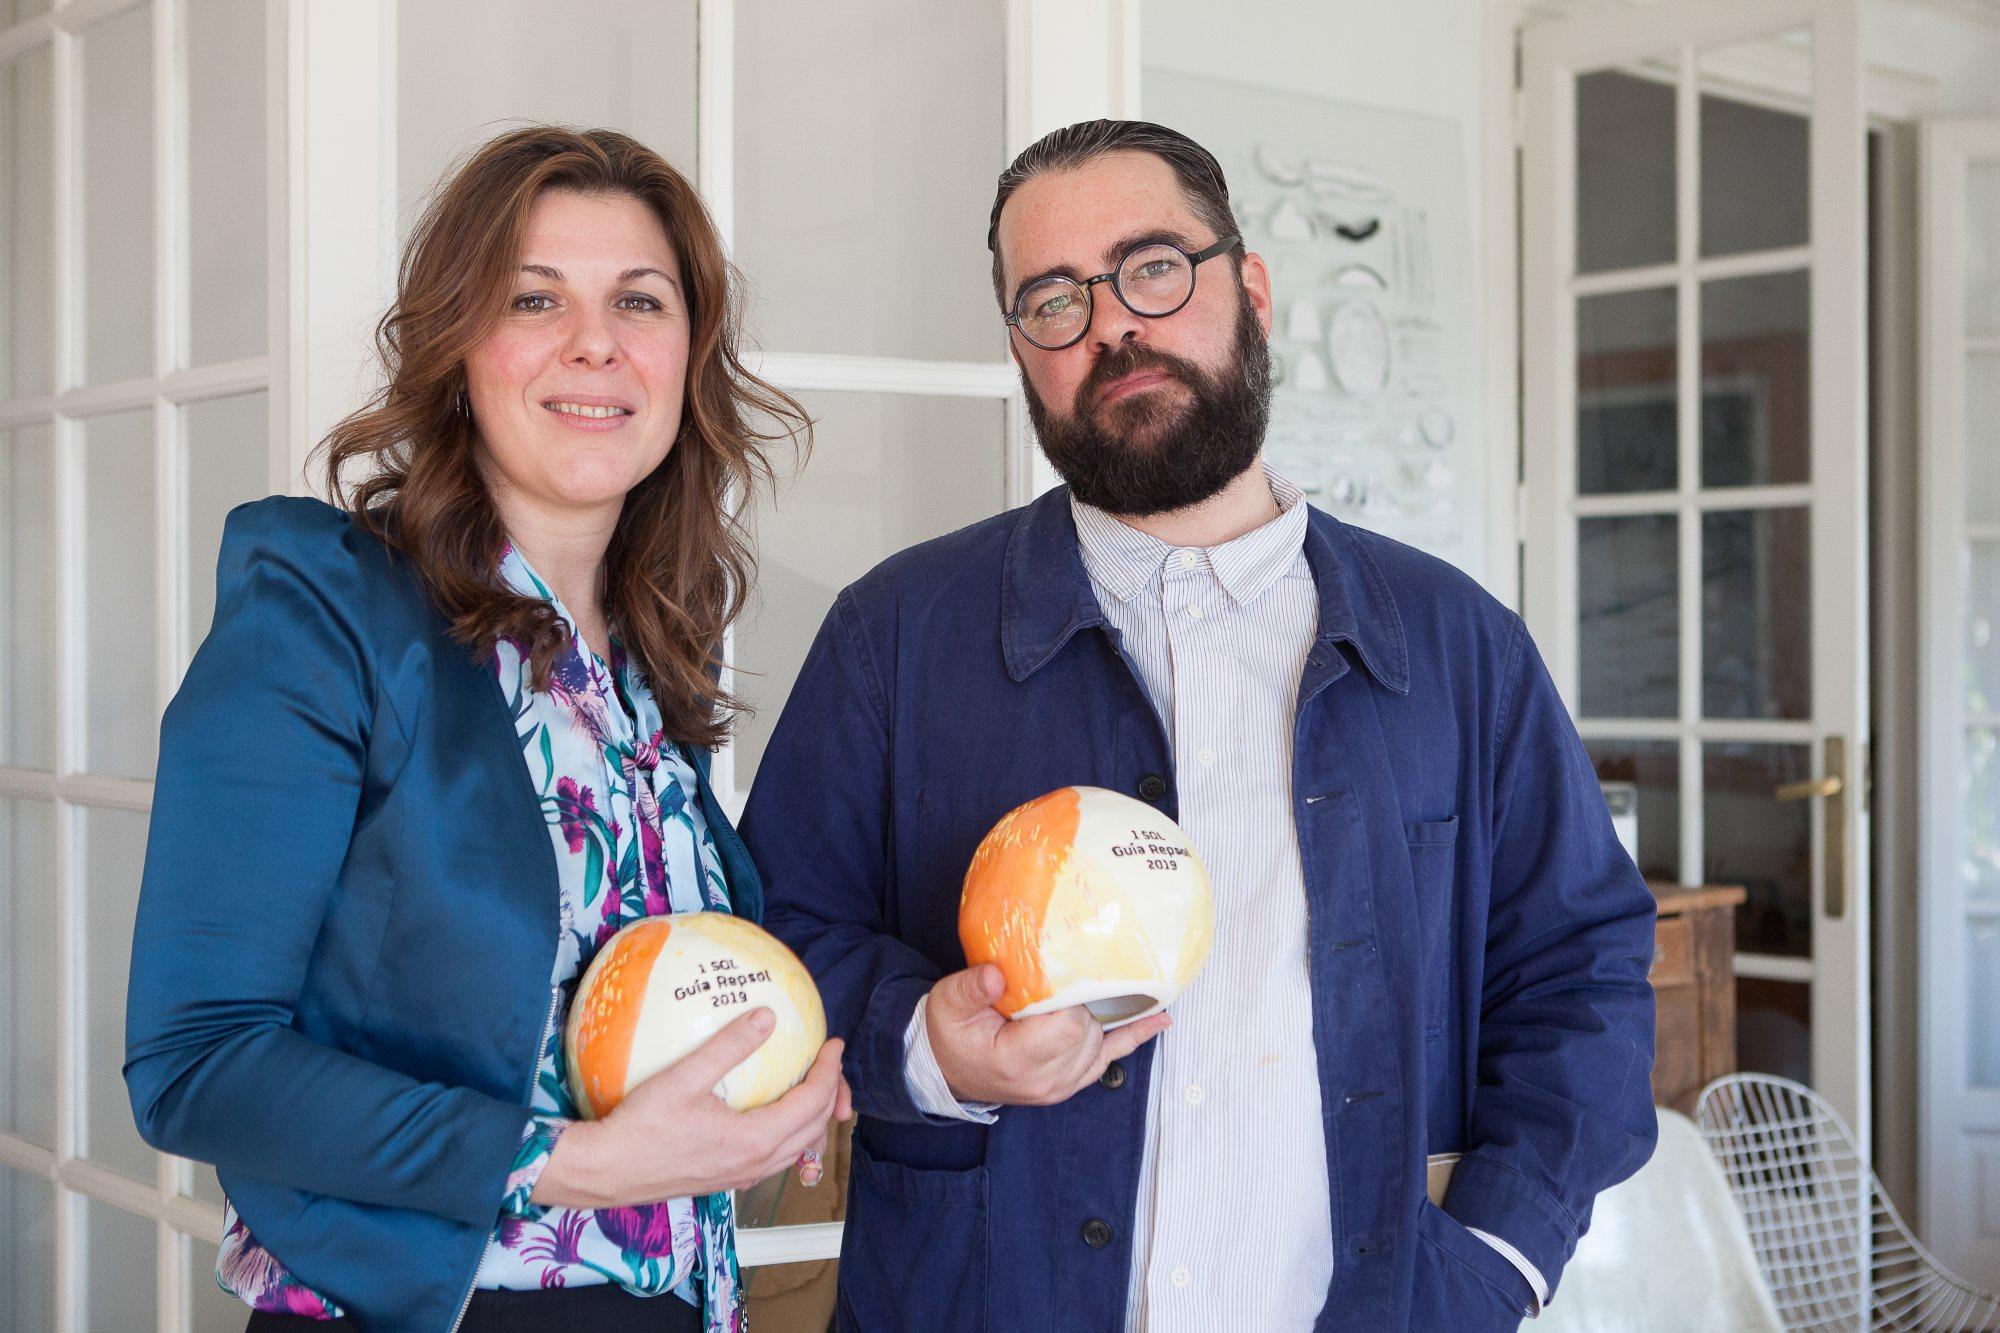 Nuevos Soles Guía Repsol. María Ritter y Luis Úrculo en la presentación de los nuevos galardones